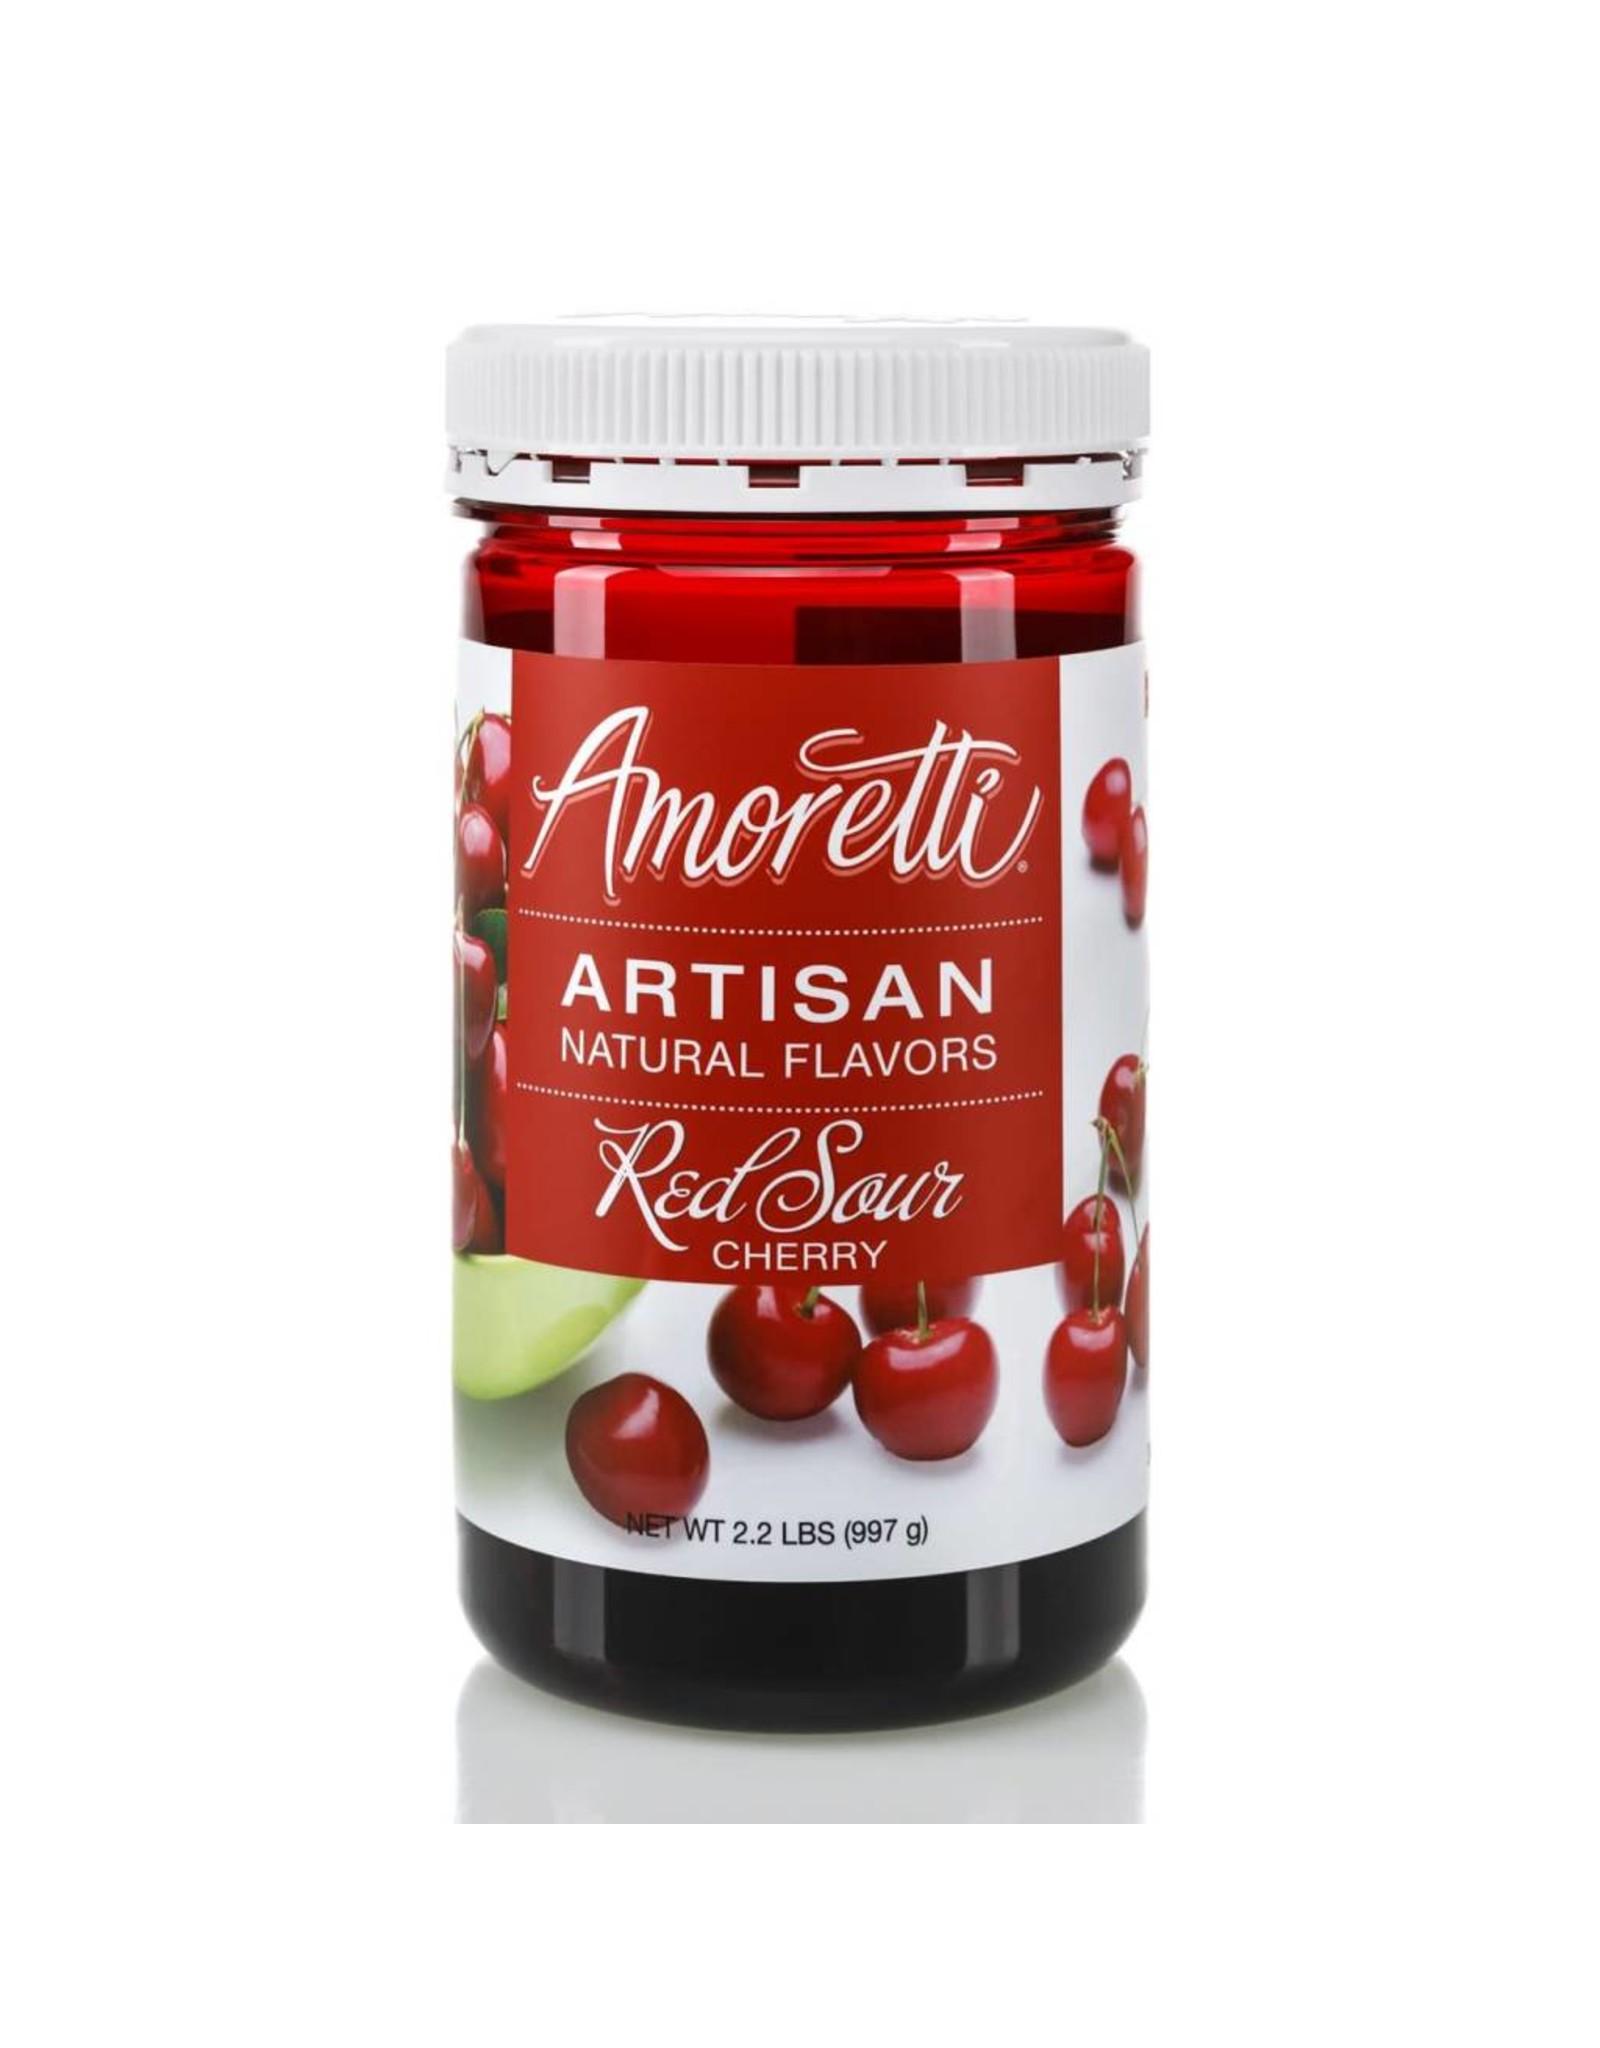 Amoretti Artisan Sour Cherry Flavor 4oz